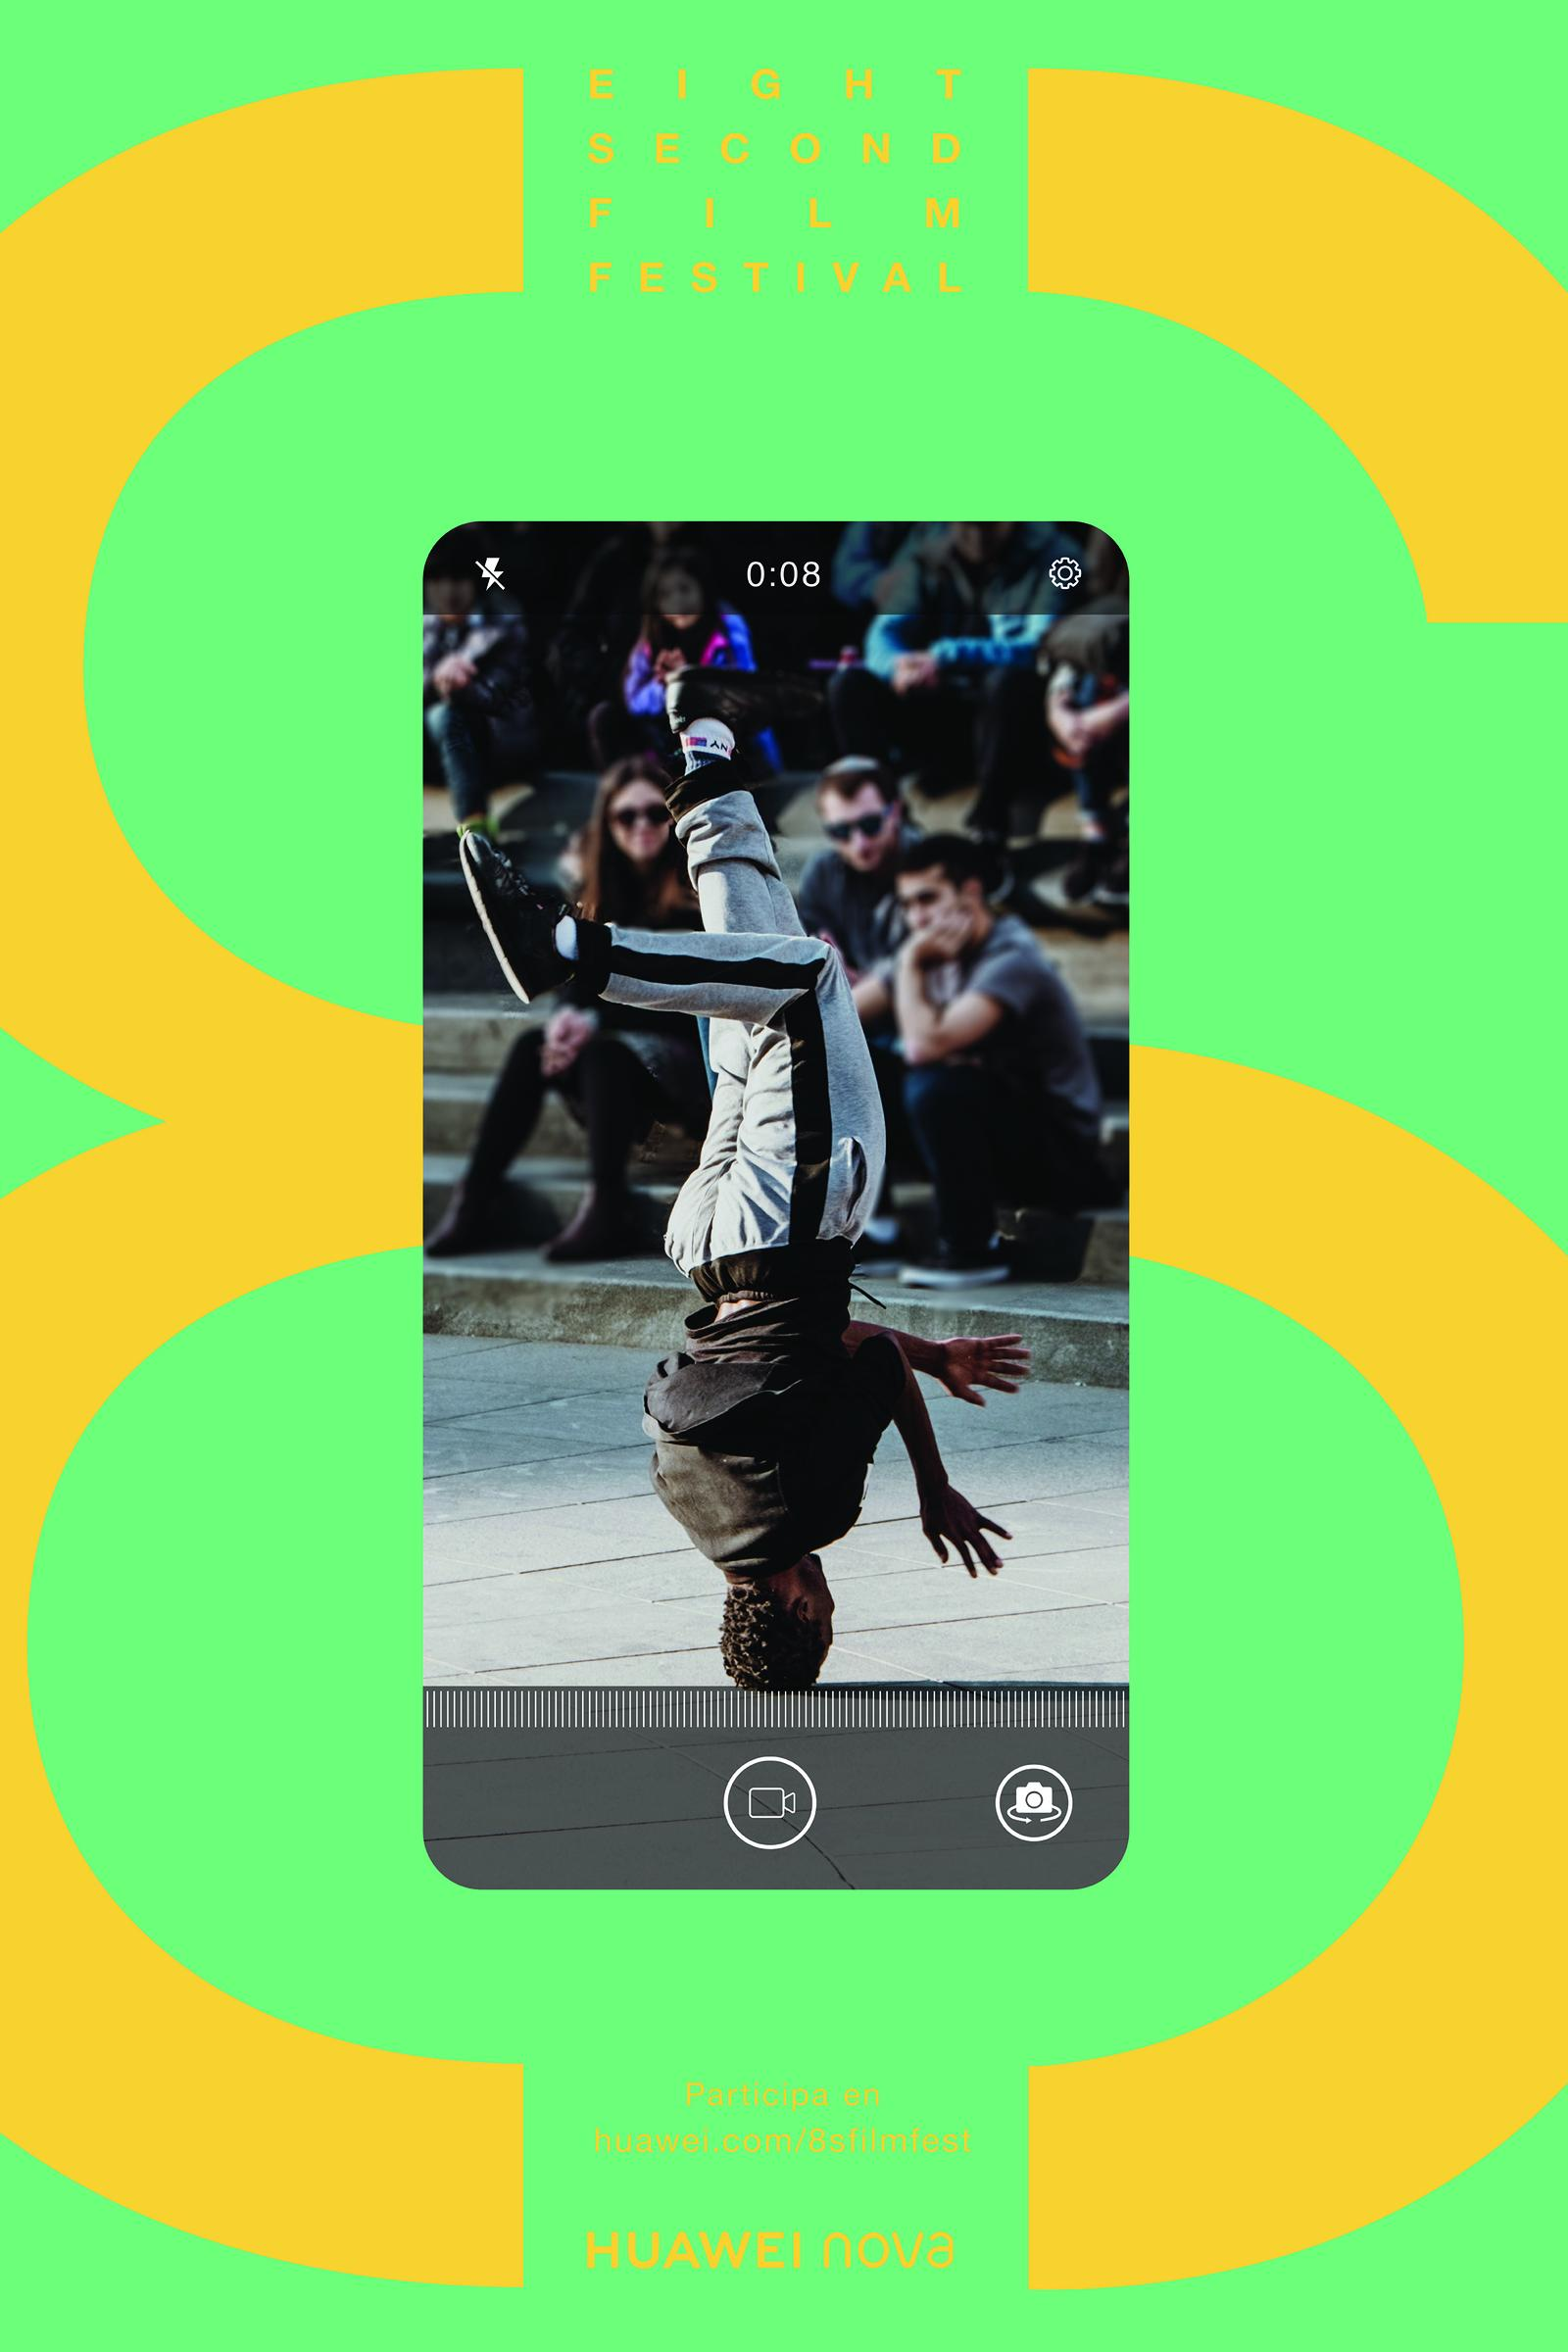 Huawei y el film festival de 8 segundos para conectar con la ...